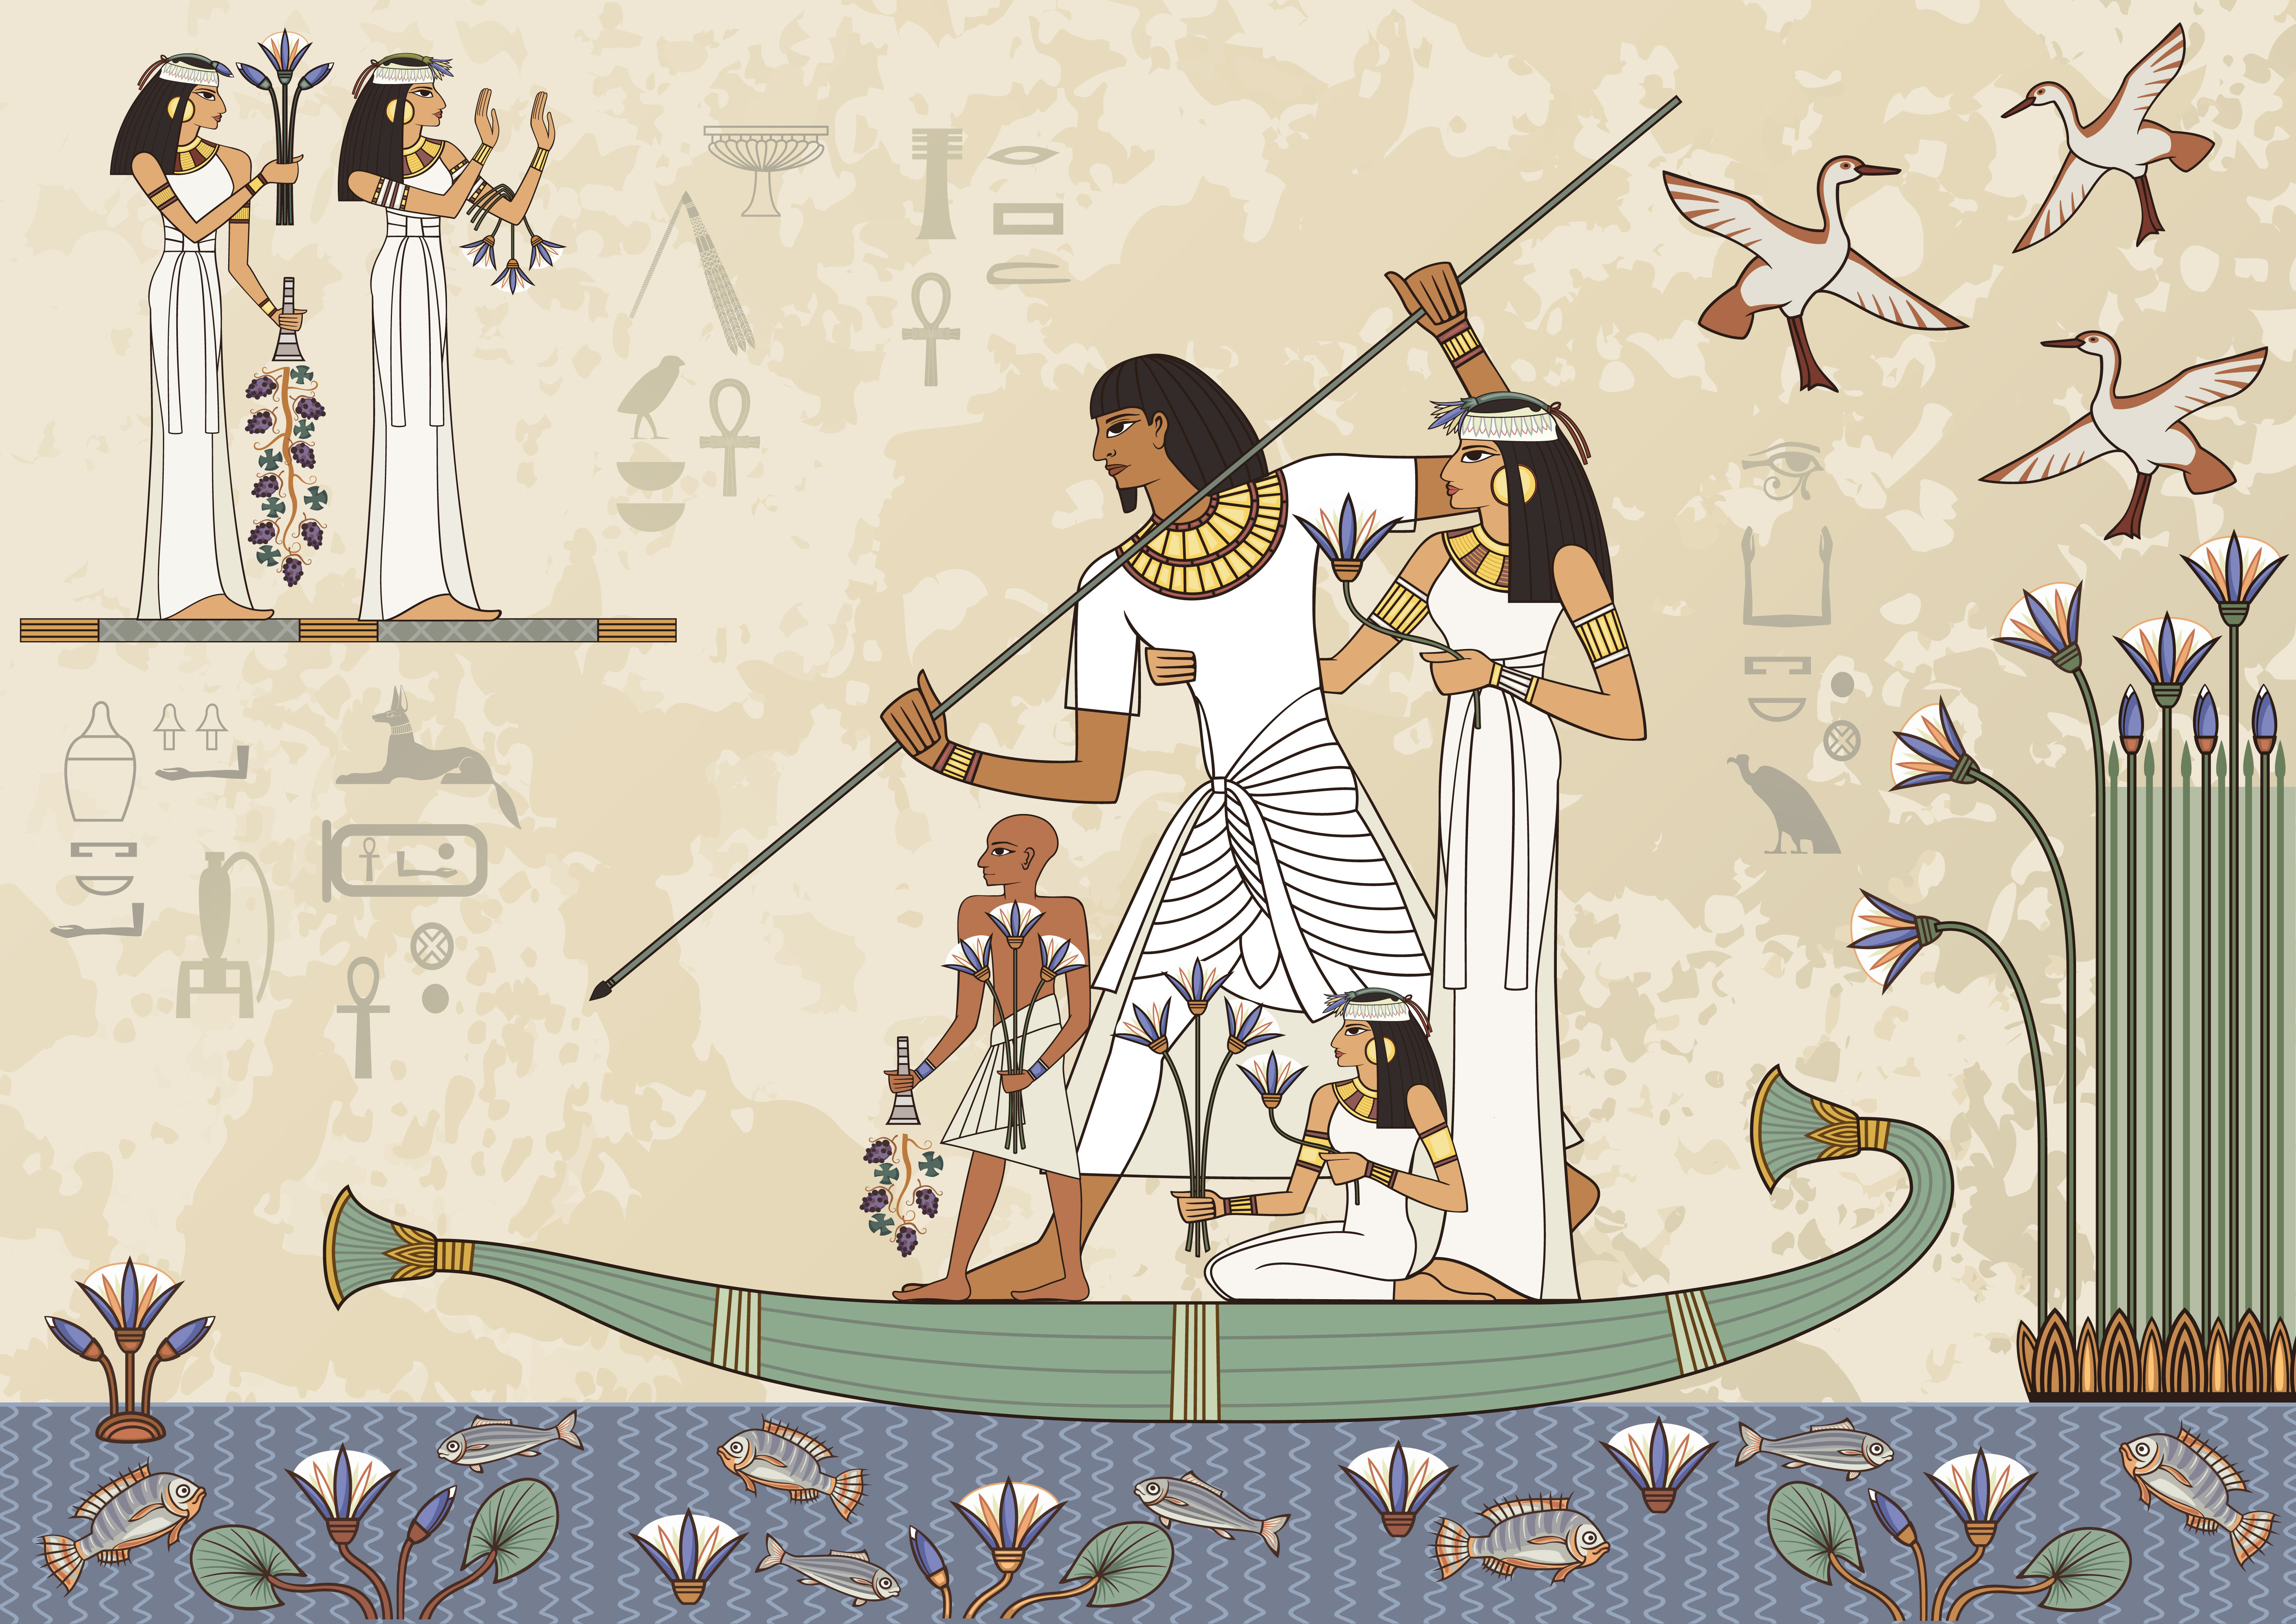 V starem Egiptu naj ne bi dokumentirali zakonskih zvez.